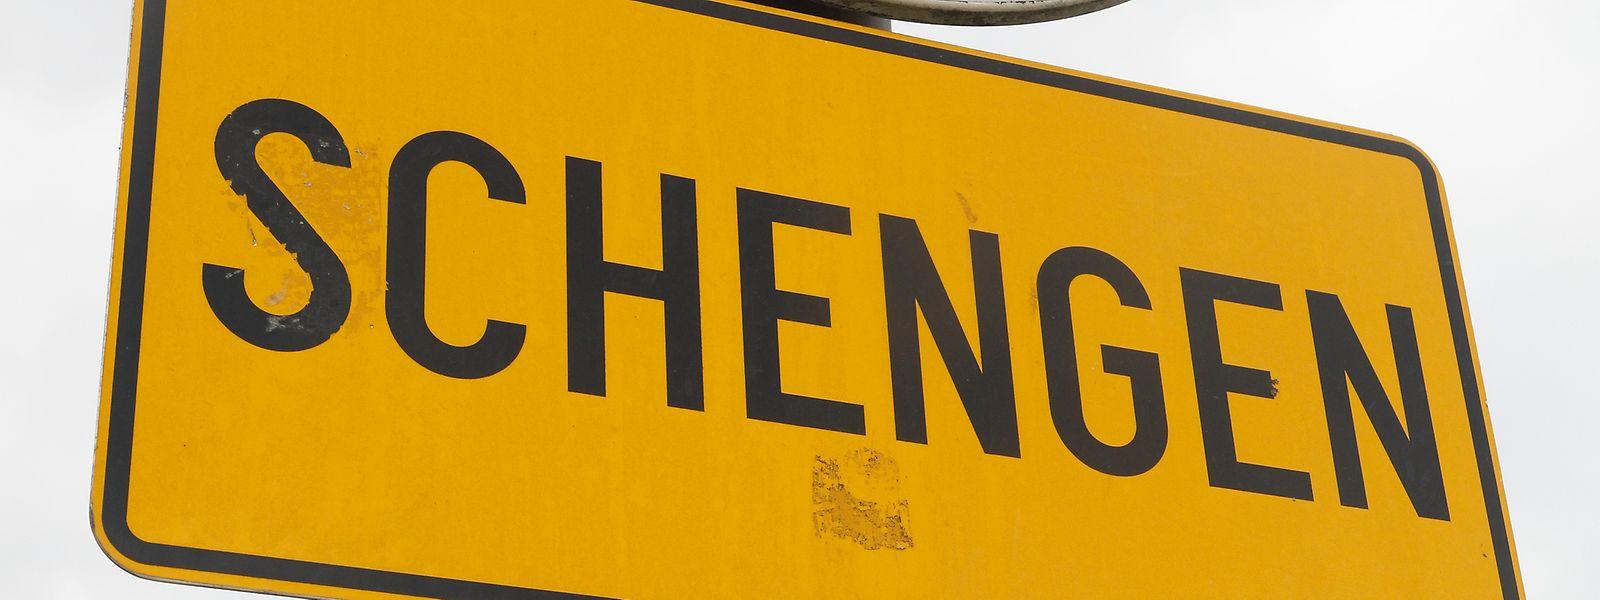 Die Grenze bei Schengen zu passieren, um in Deutschland Einkäufe zu tätigen, ist für viele Luxemburger Alltag.